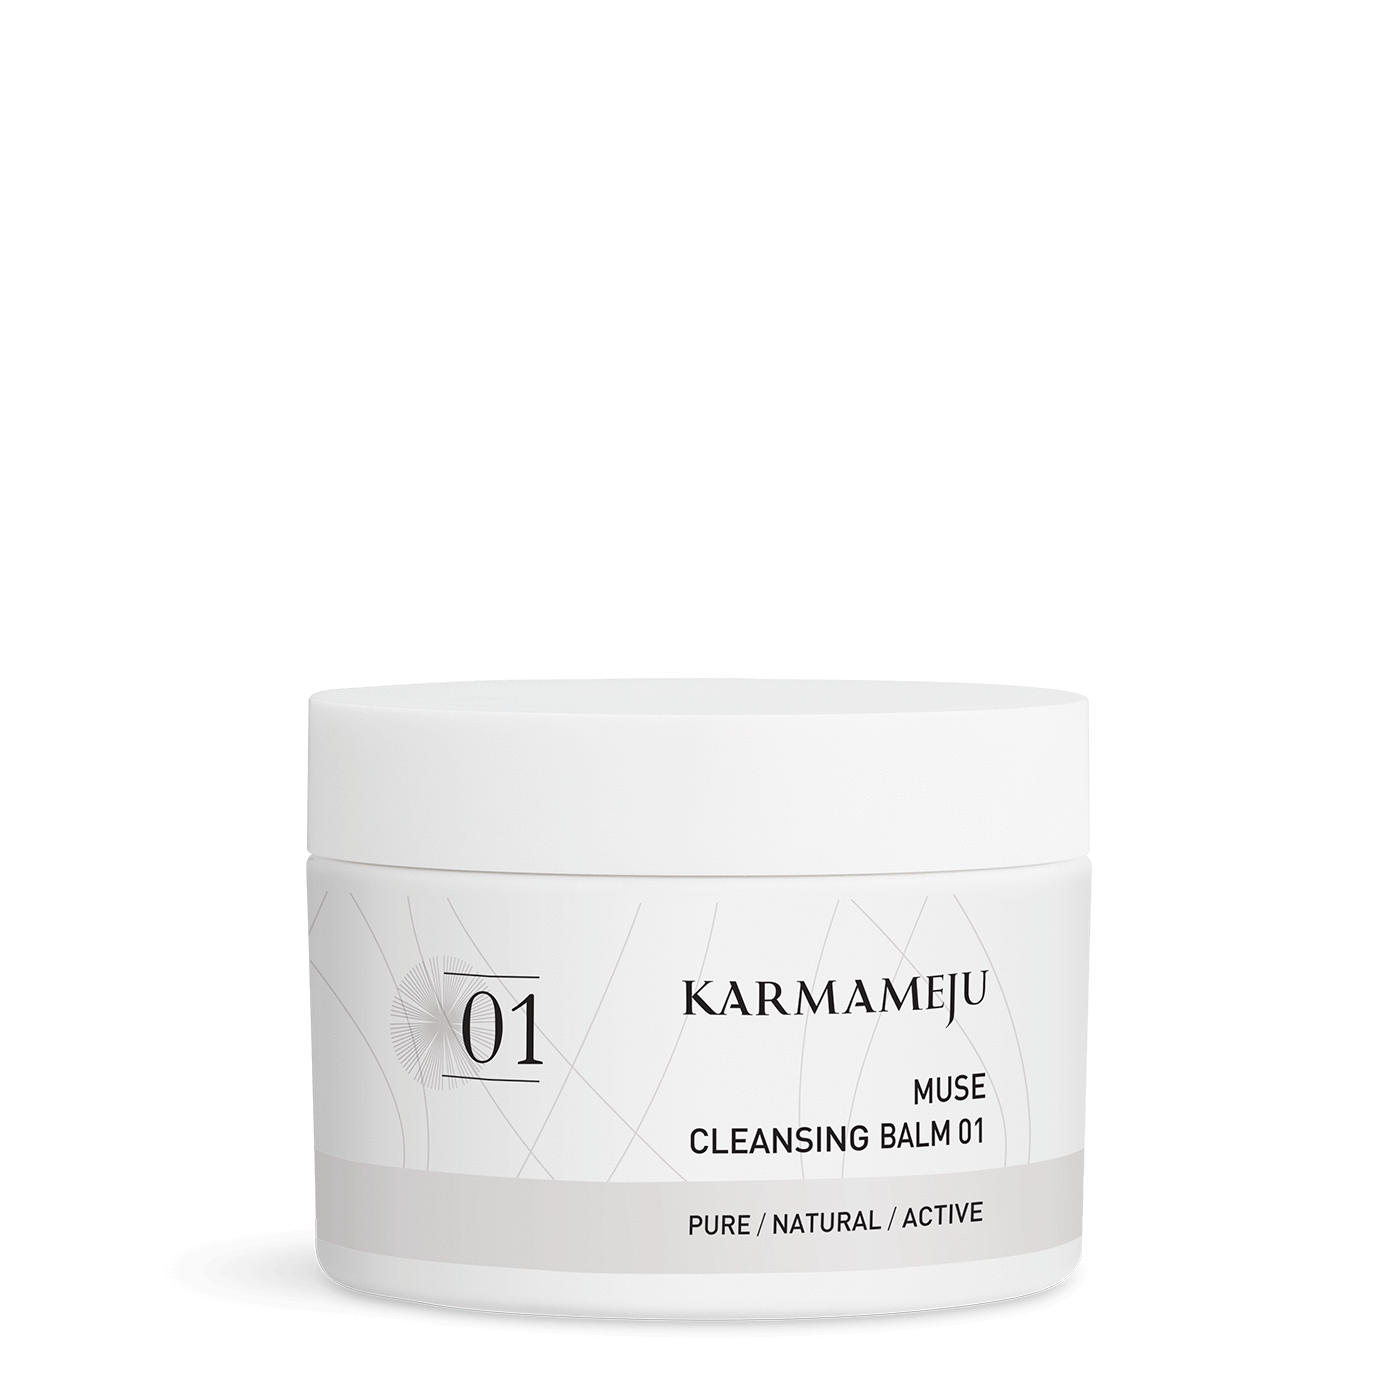 Karmameju MUSE / CLEANSING BALM 01